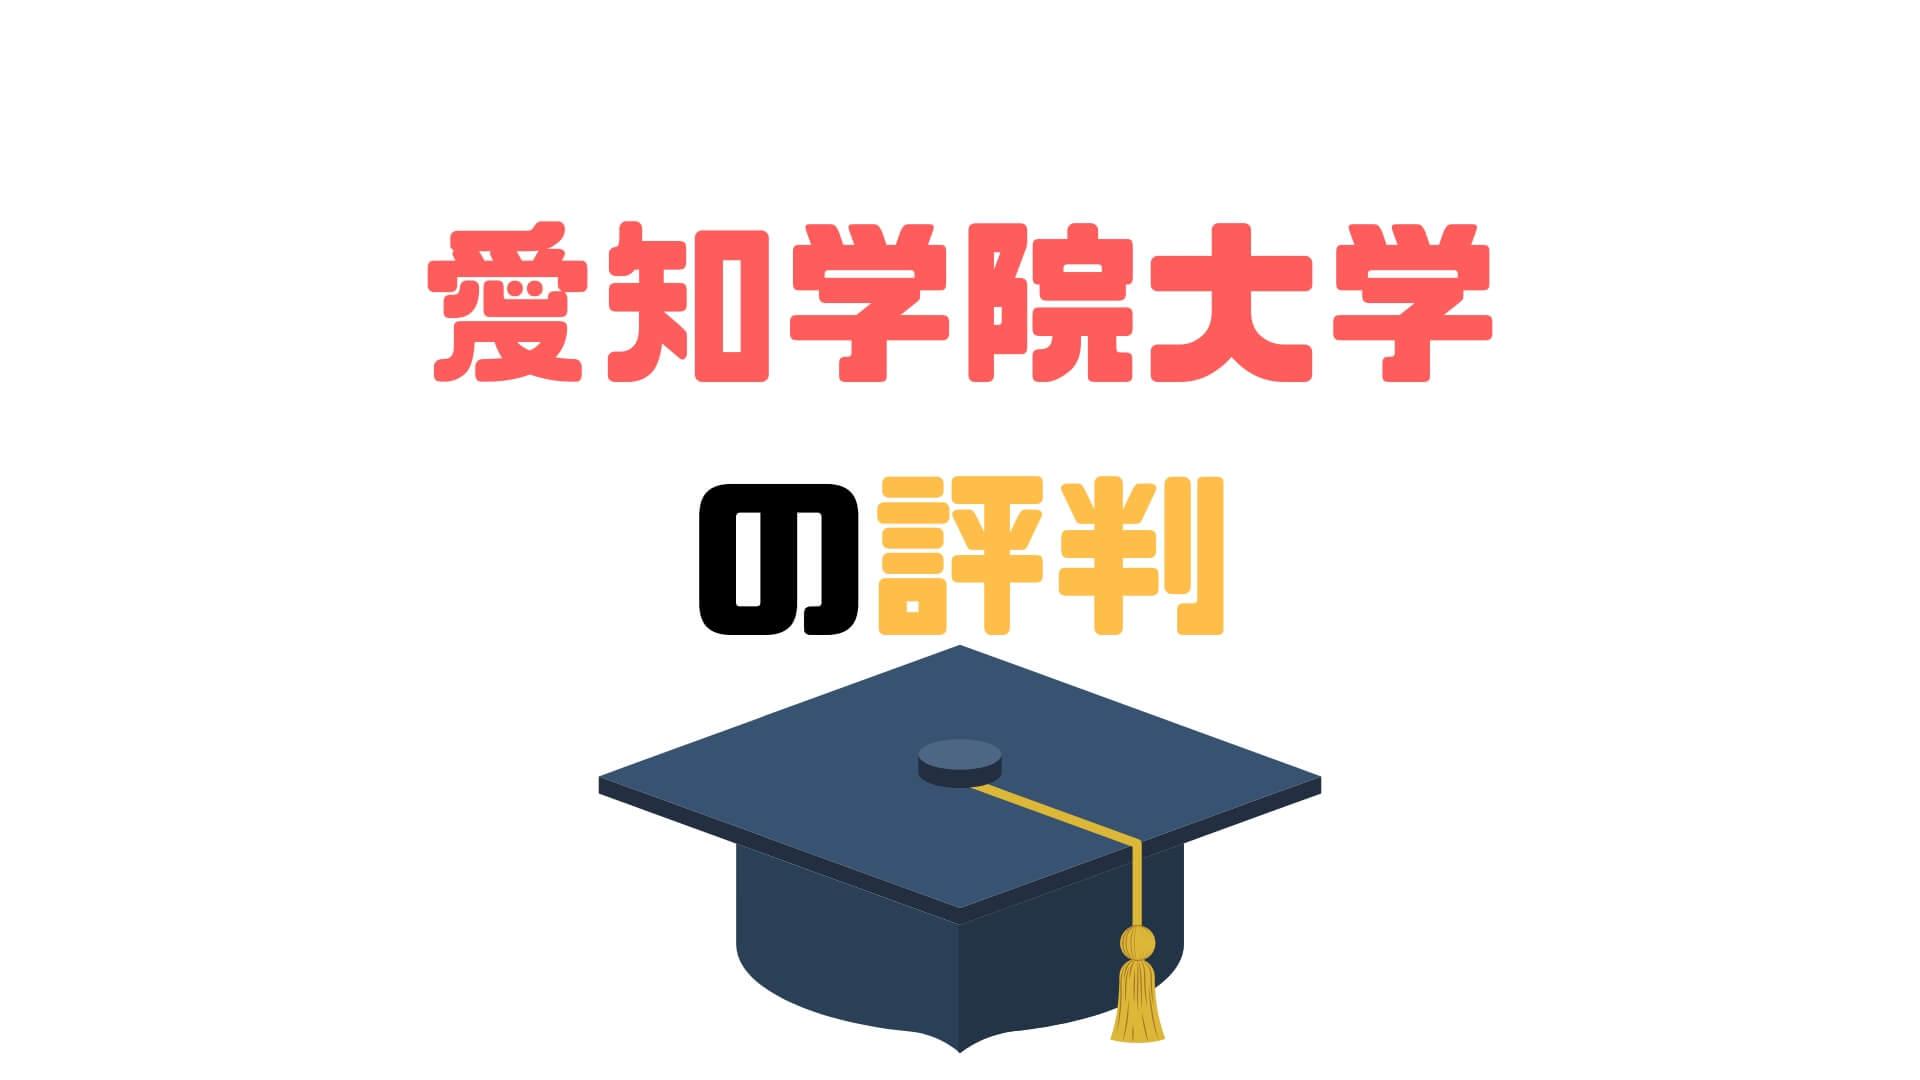 愛知学院大学の評判